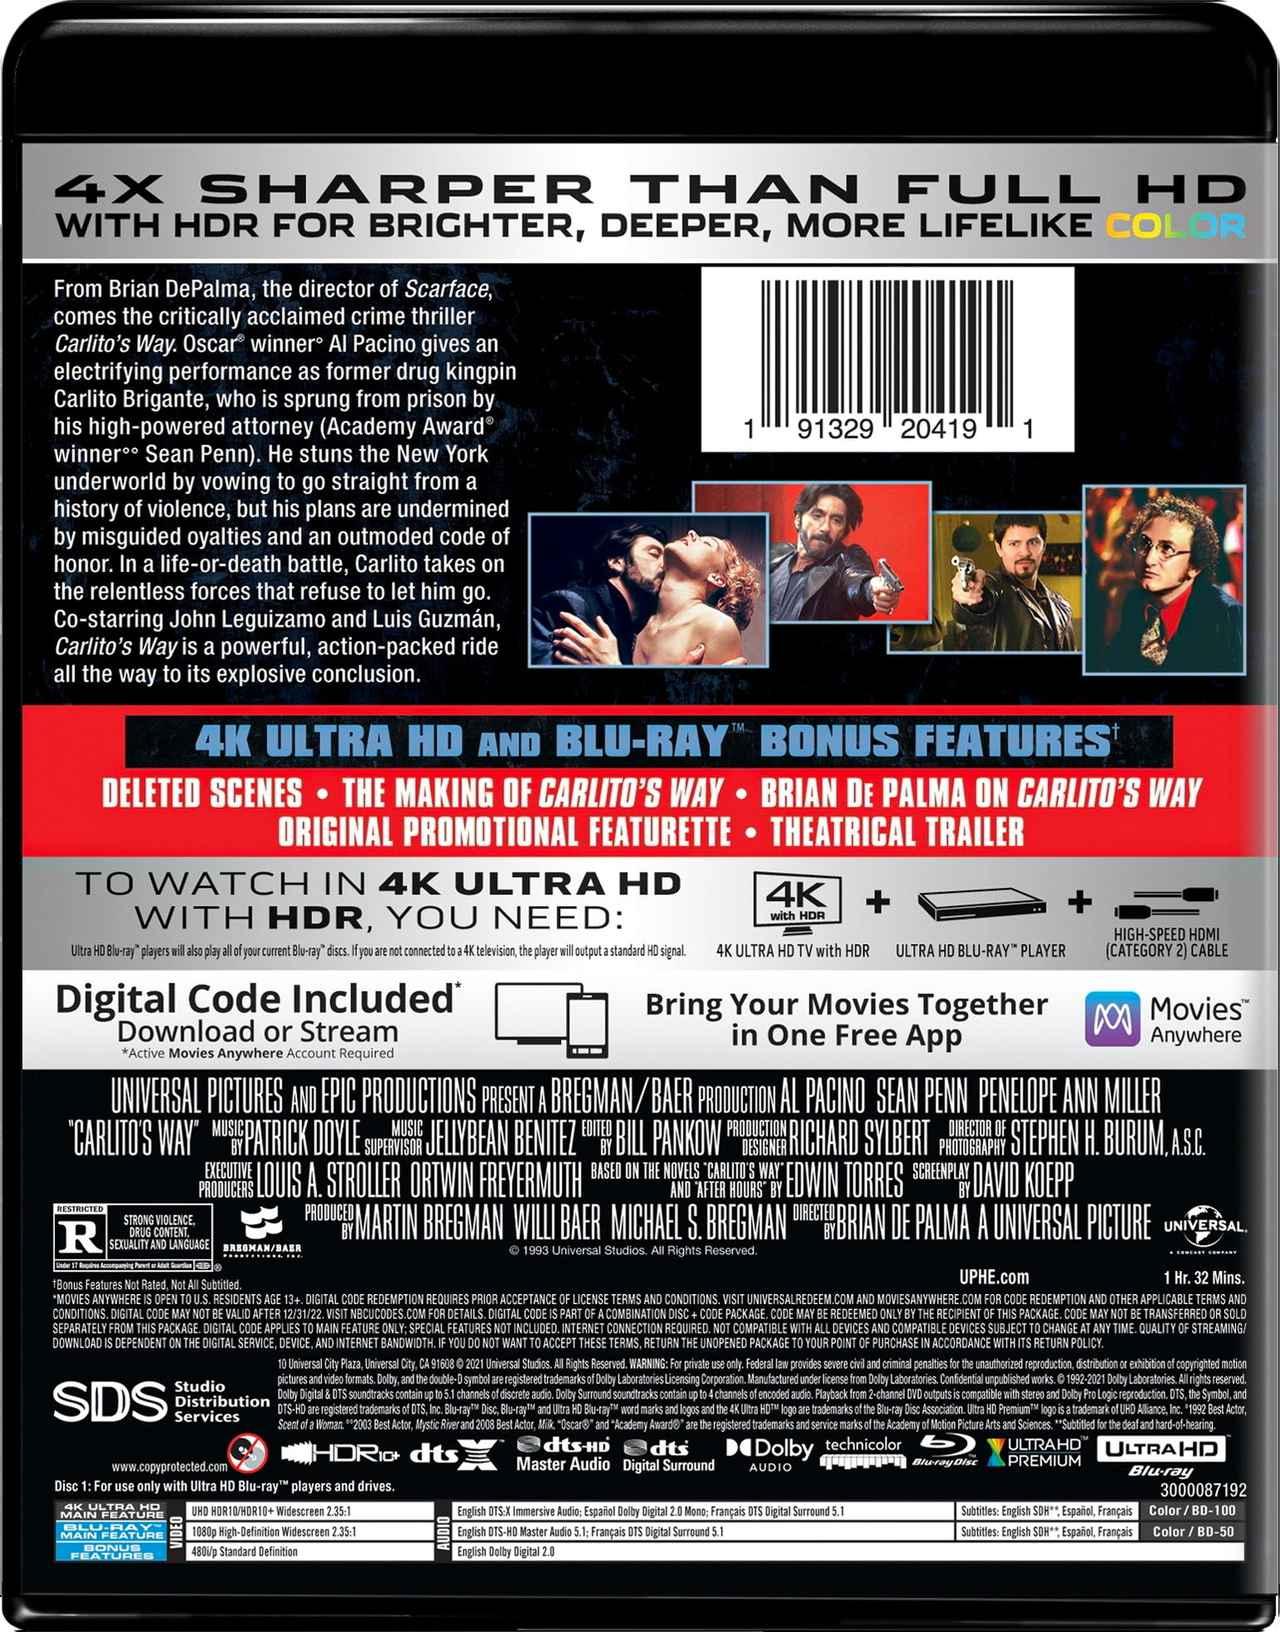 画像2: 4K デ・パルマ&パチーノ『カリートの道』【海外盤Blu-ray発売情報】